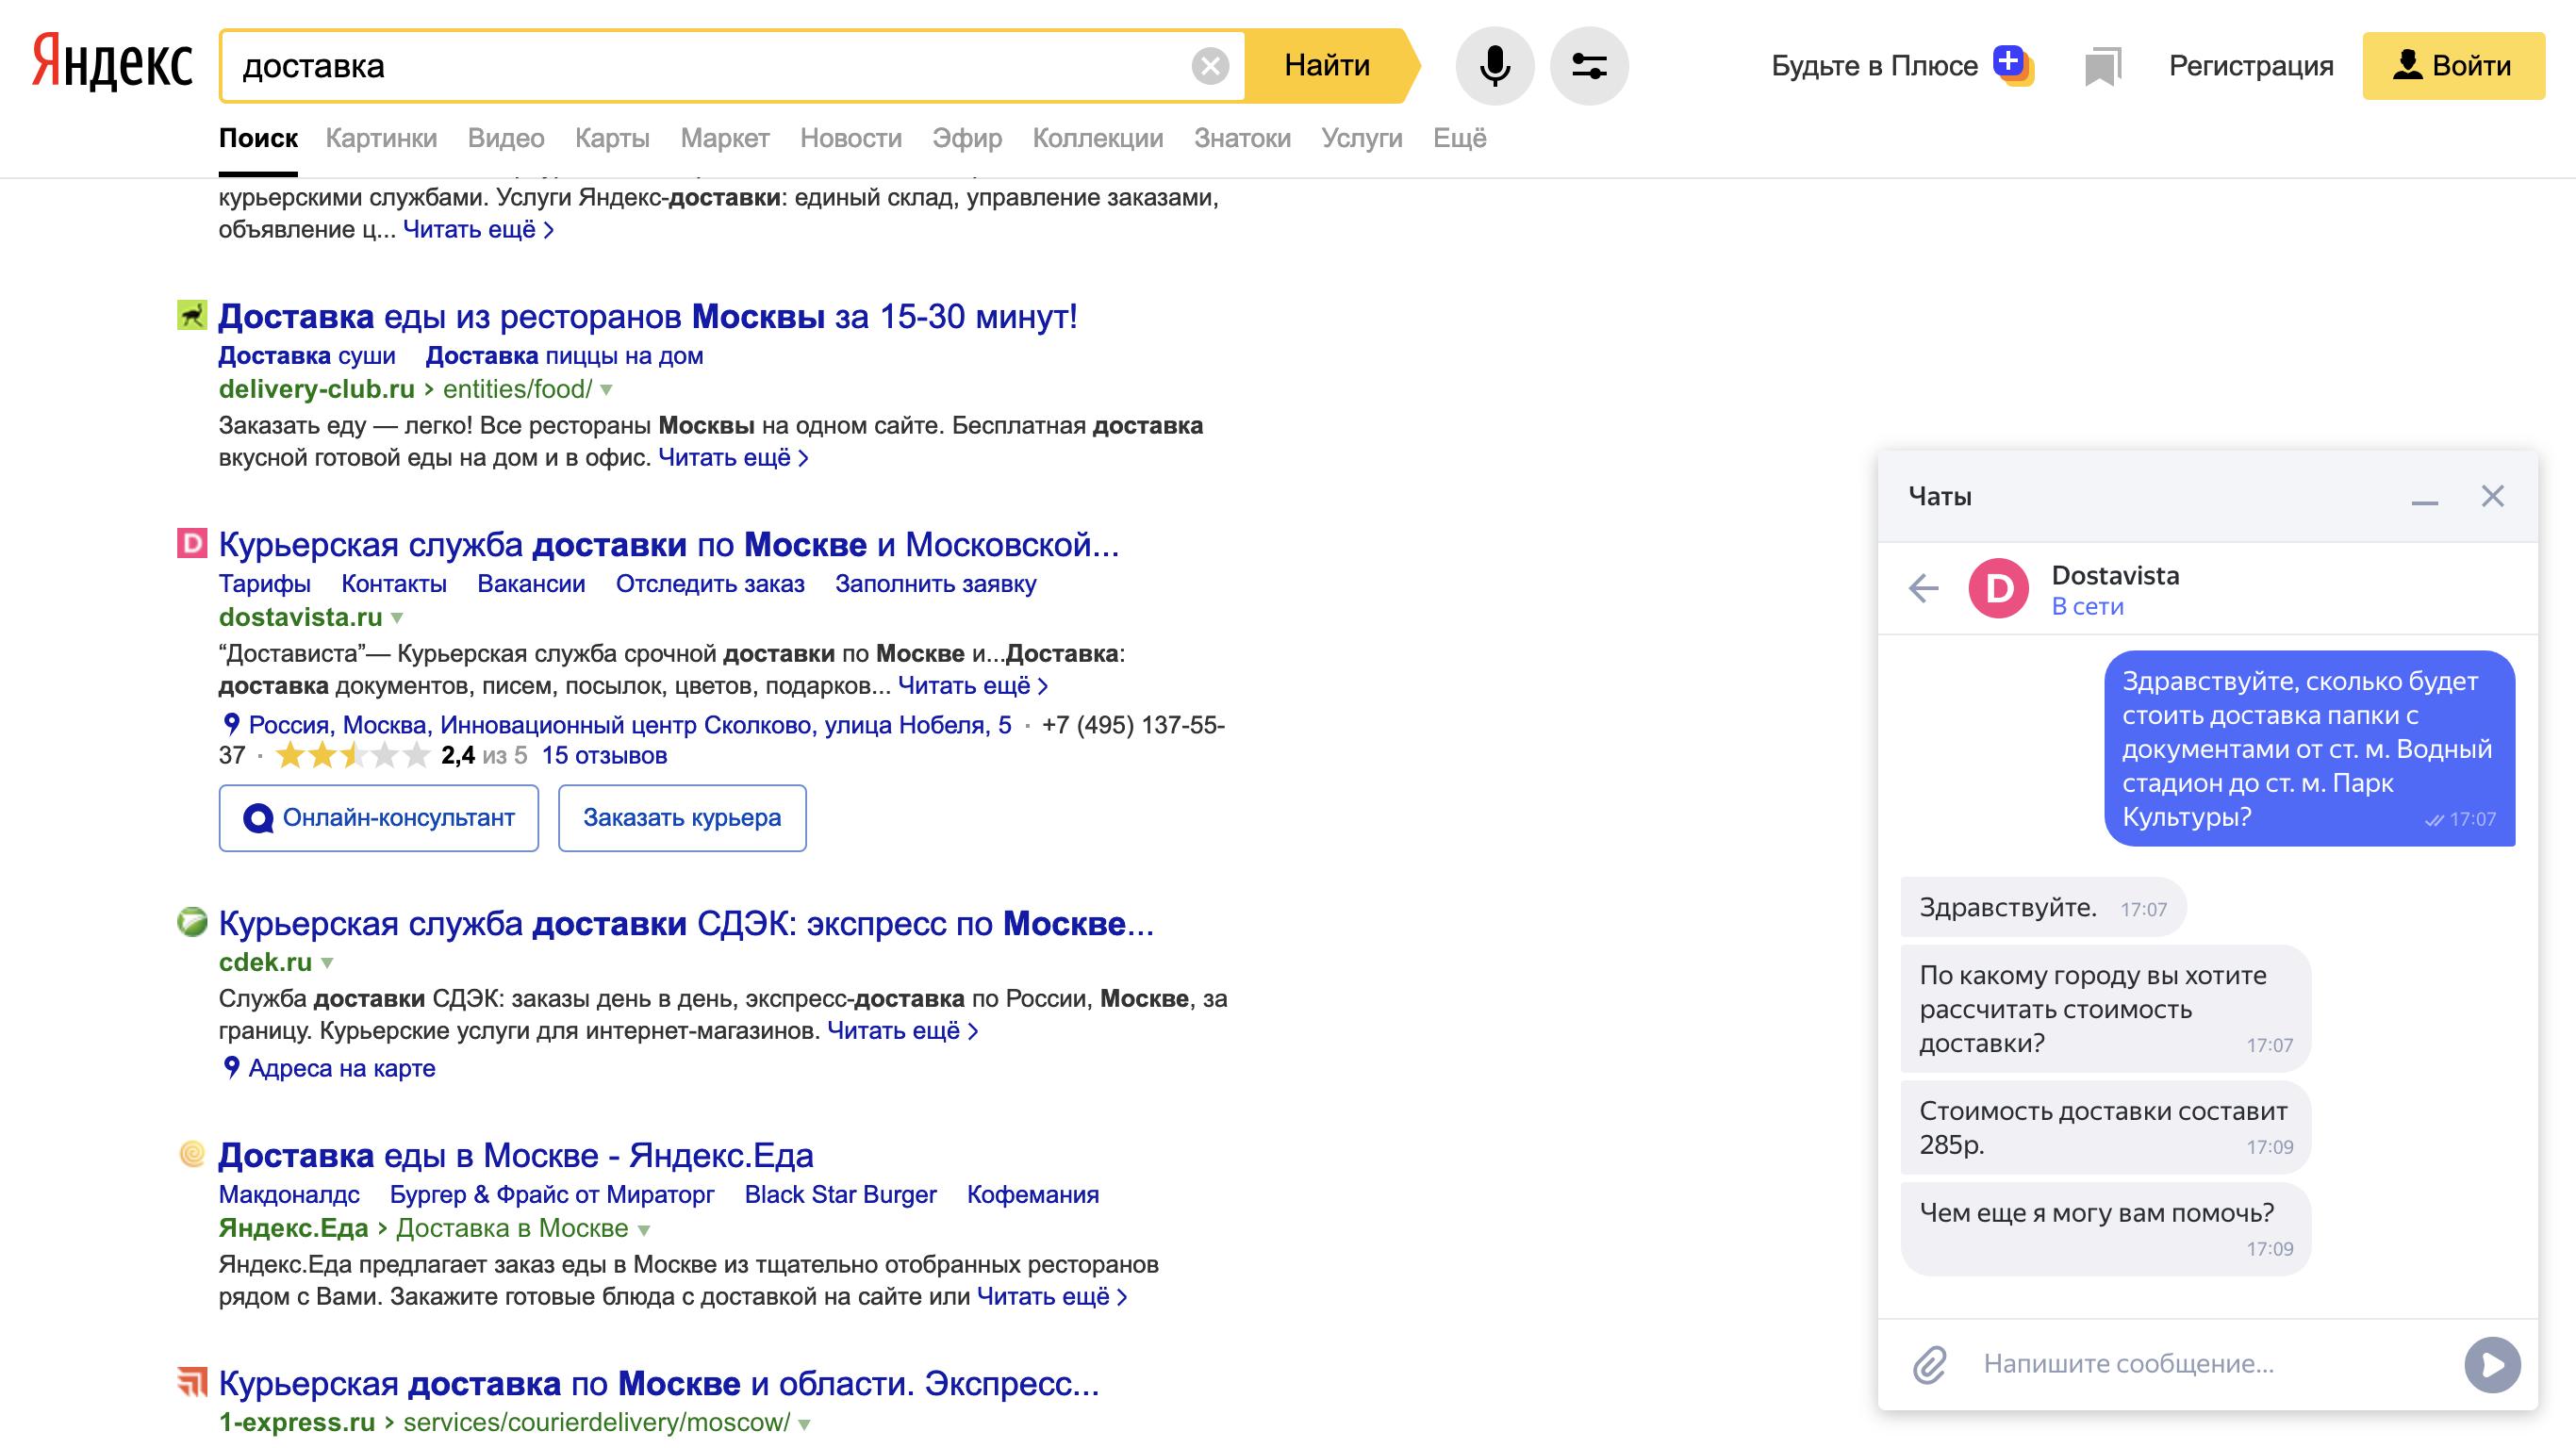 «Яндекс» запустил бесплатную платформу для поддержки клиентов через чаты на сайтах, в поиске и «Алисе»